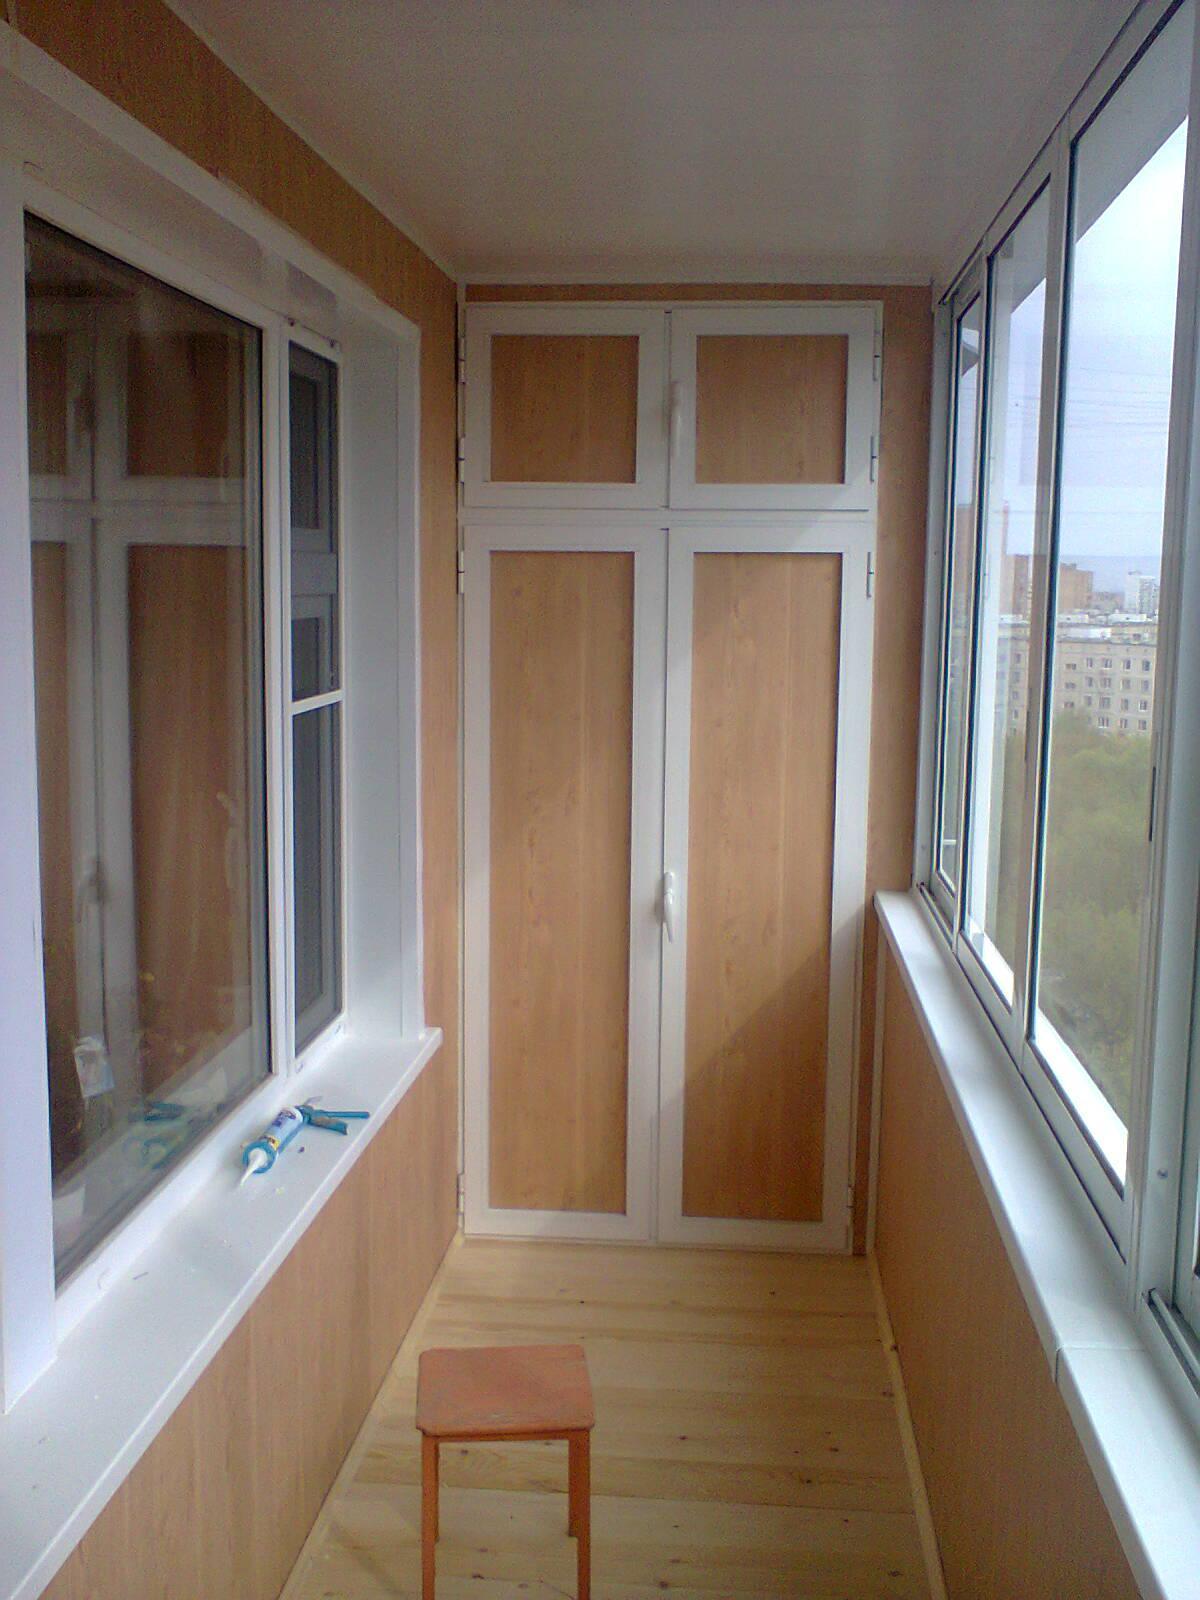 Шкаф на балкон, купить в балашихе.